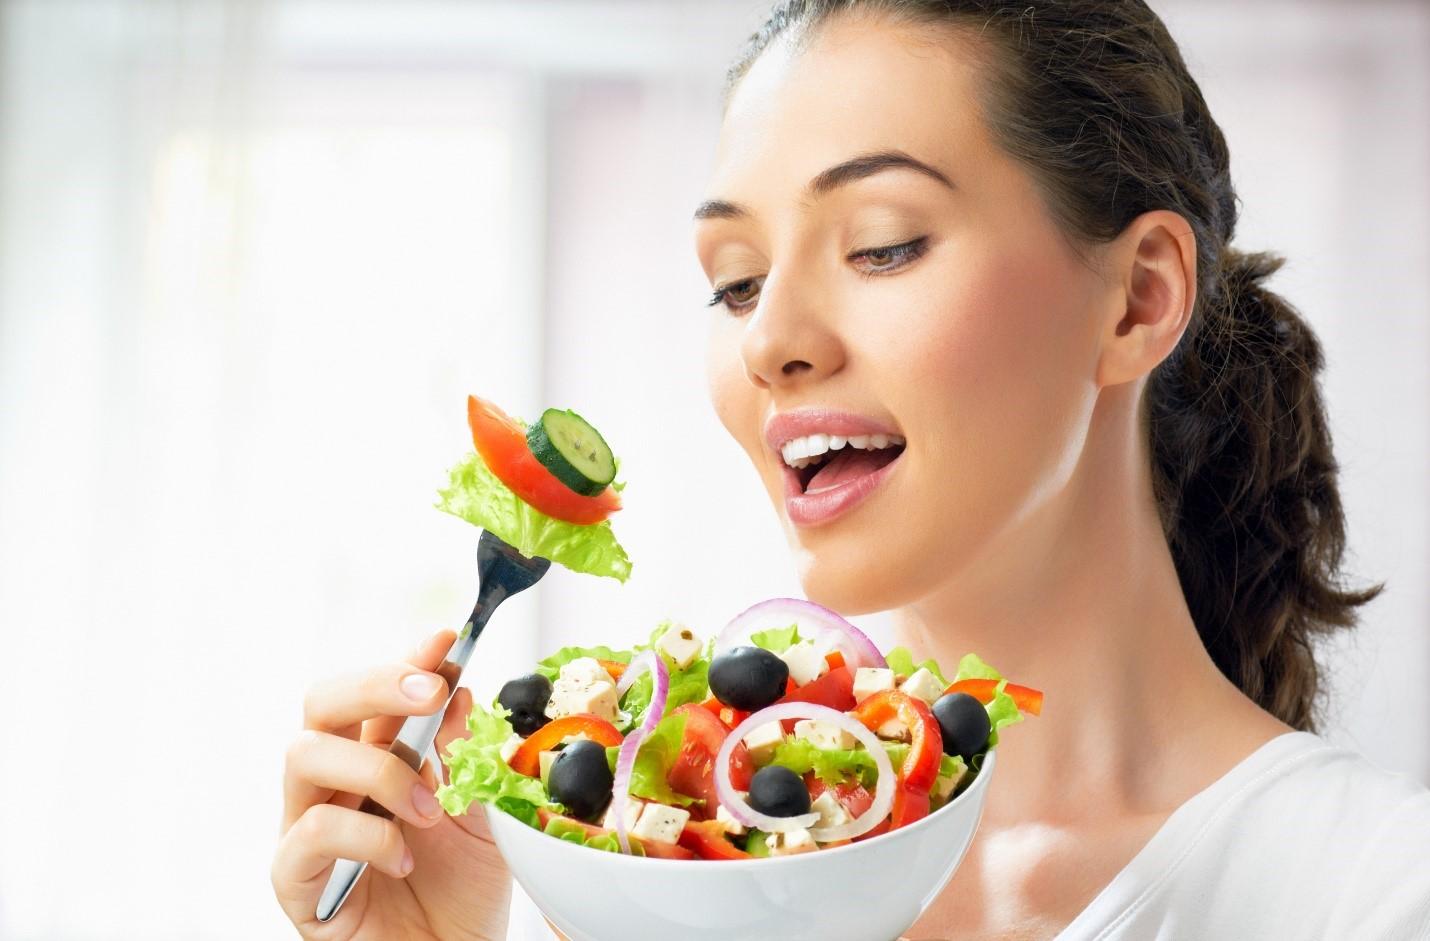 تغییر رژیم غذایی و افزودن مواد مغذی به آن